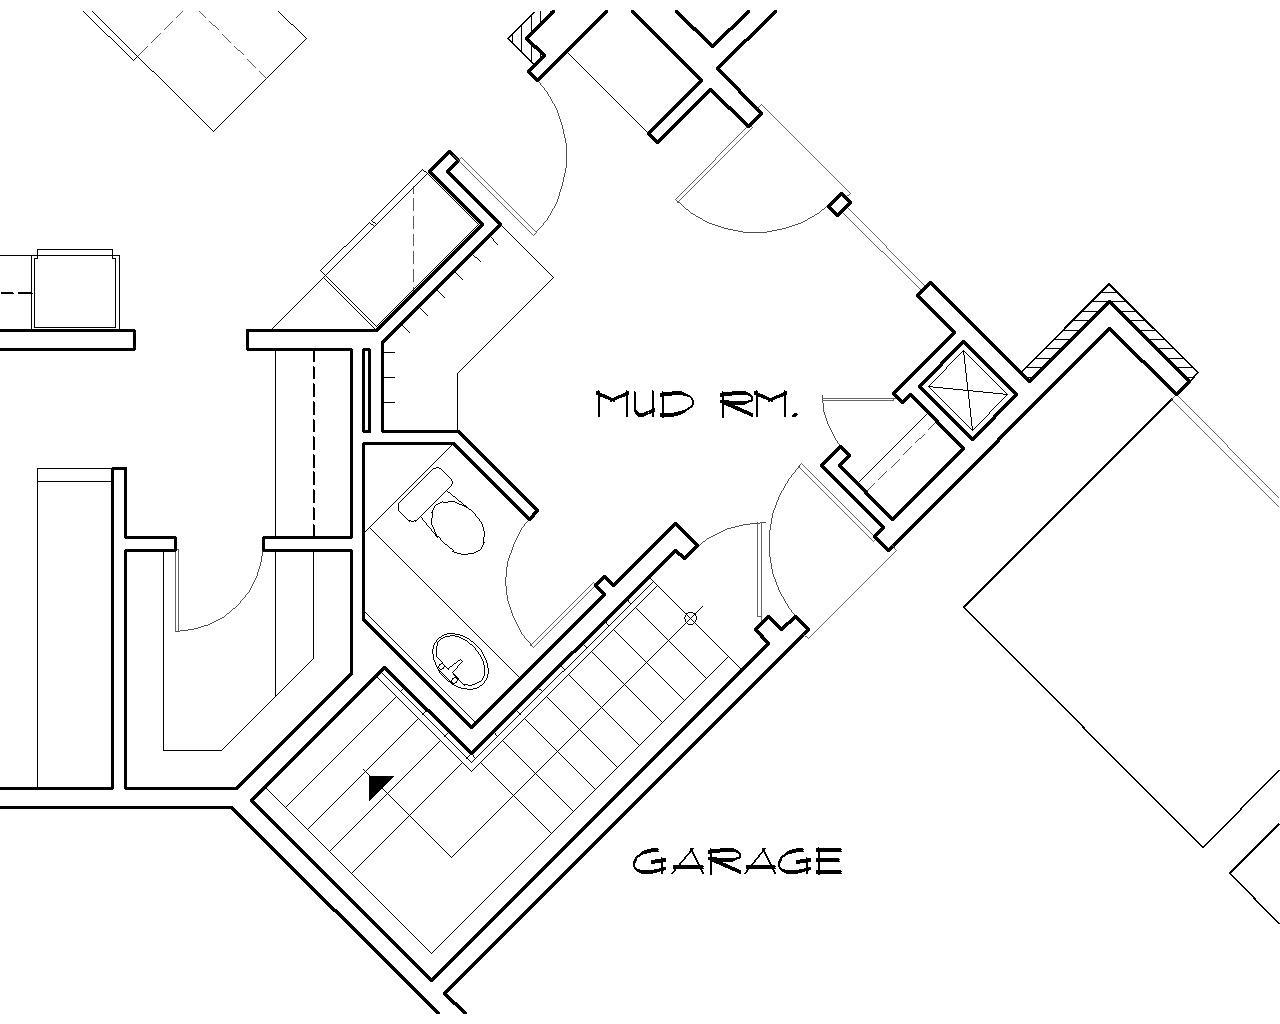 20 Surprisingly Stair Plans Home Plans Blueprints 77003